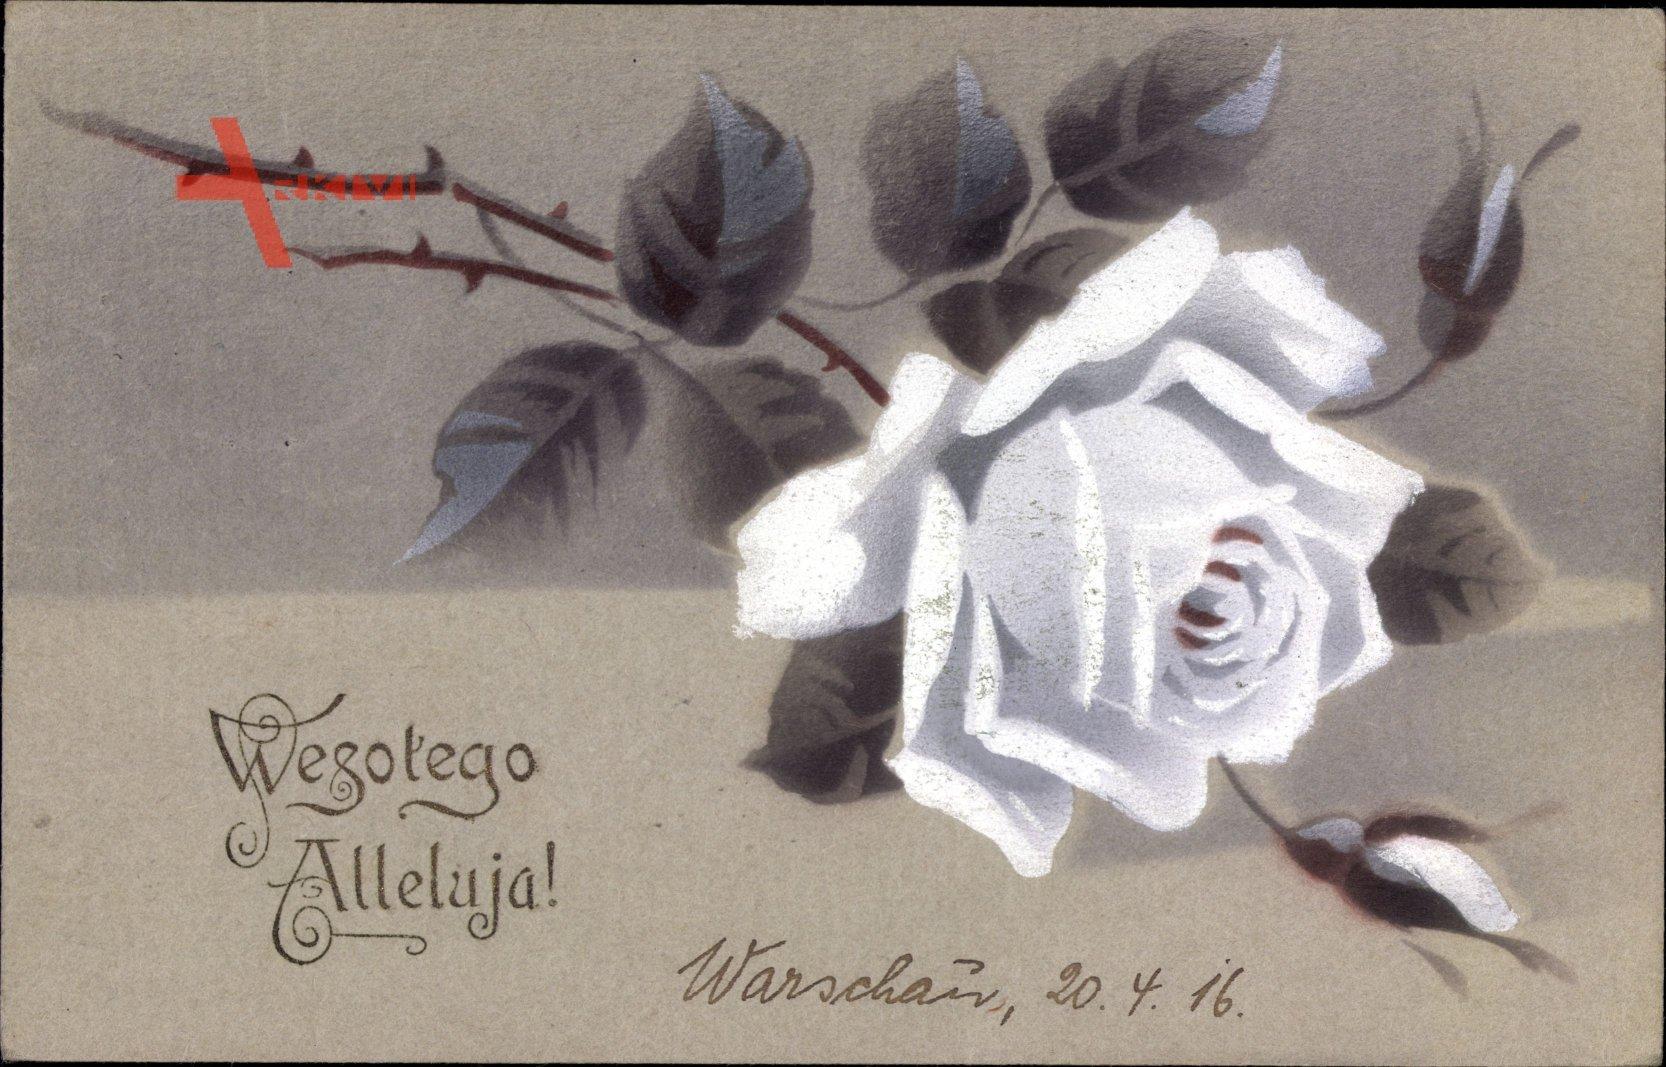 Glückwunsch Ostern, Wesolego Alleluja, Weiße Rose, Polnisch